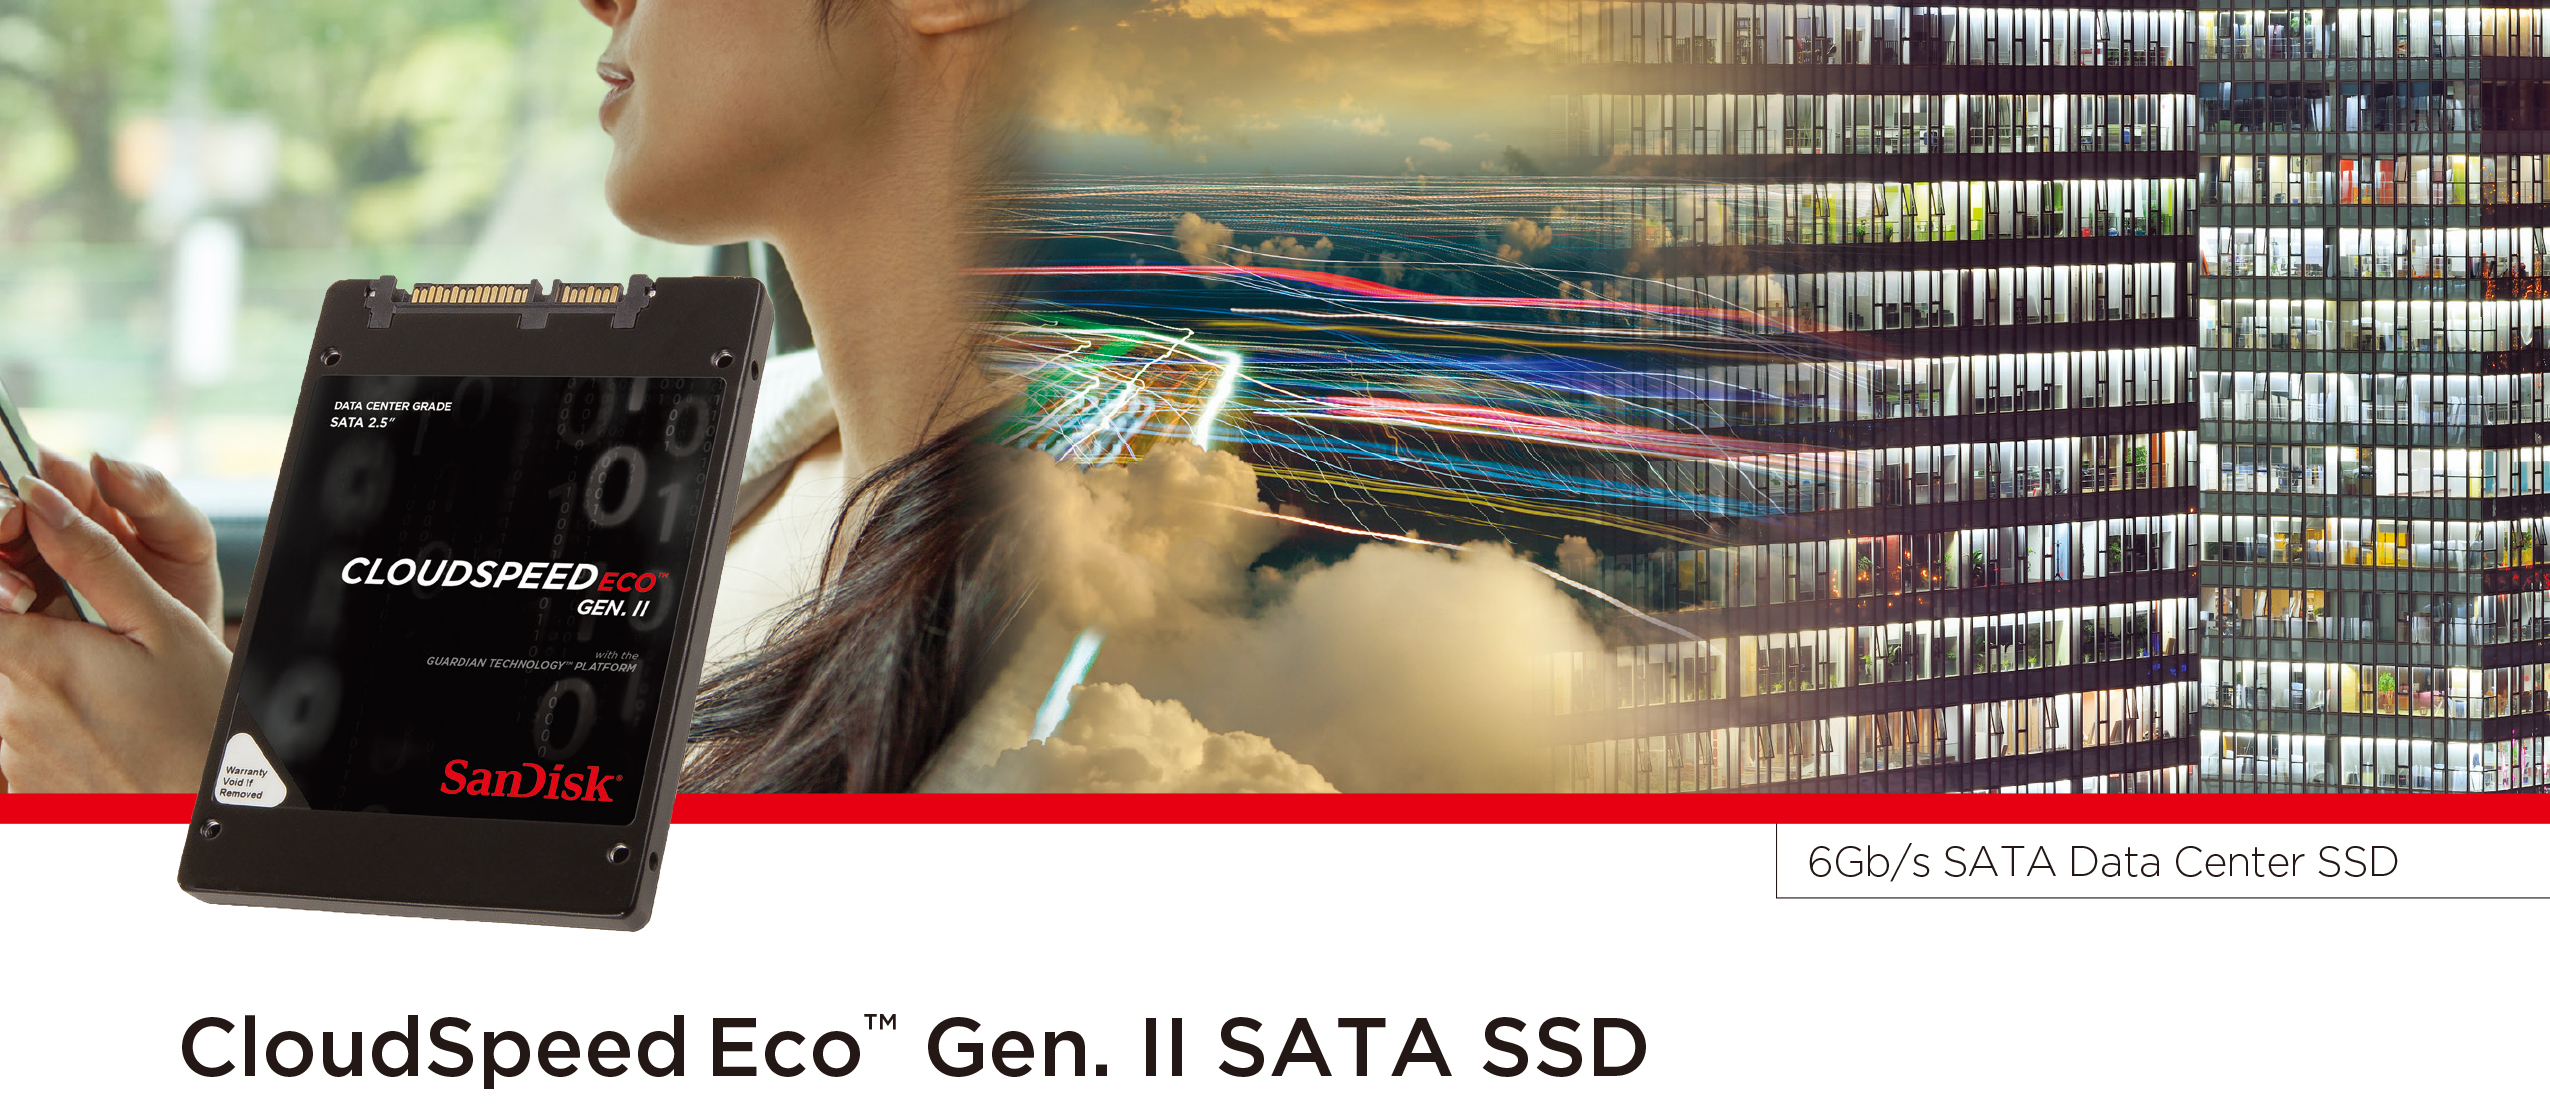 闪迪 SDLF1DAR-960G-1HA1 960G 0.6DWD 2.5 SATA SSD  企业级云速系列 EMLC颗粒 耐写度高